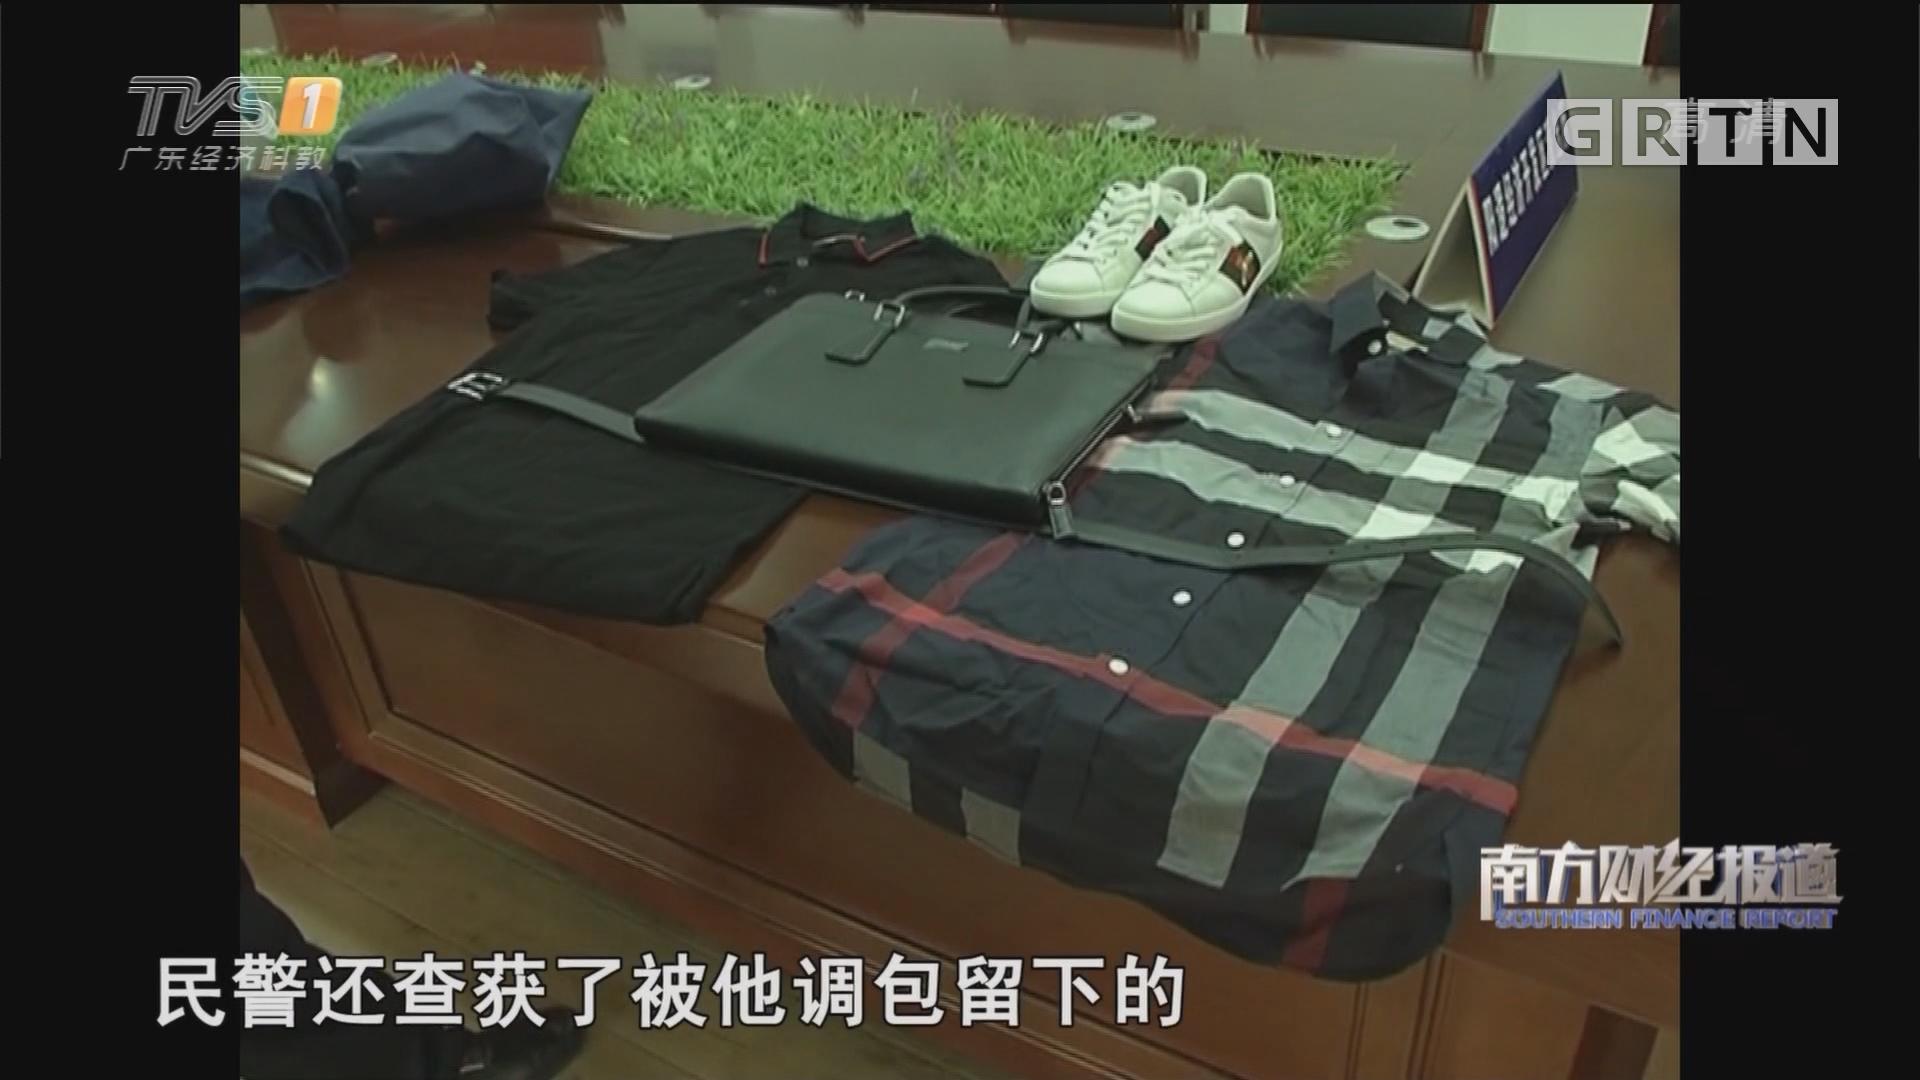 虚荣心作怪 男子频频网购奢侈调包品后退货